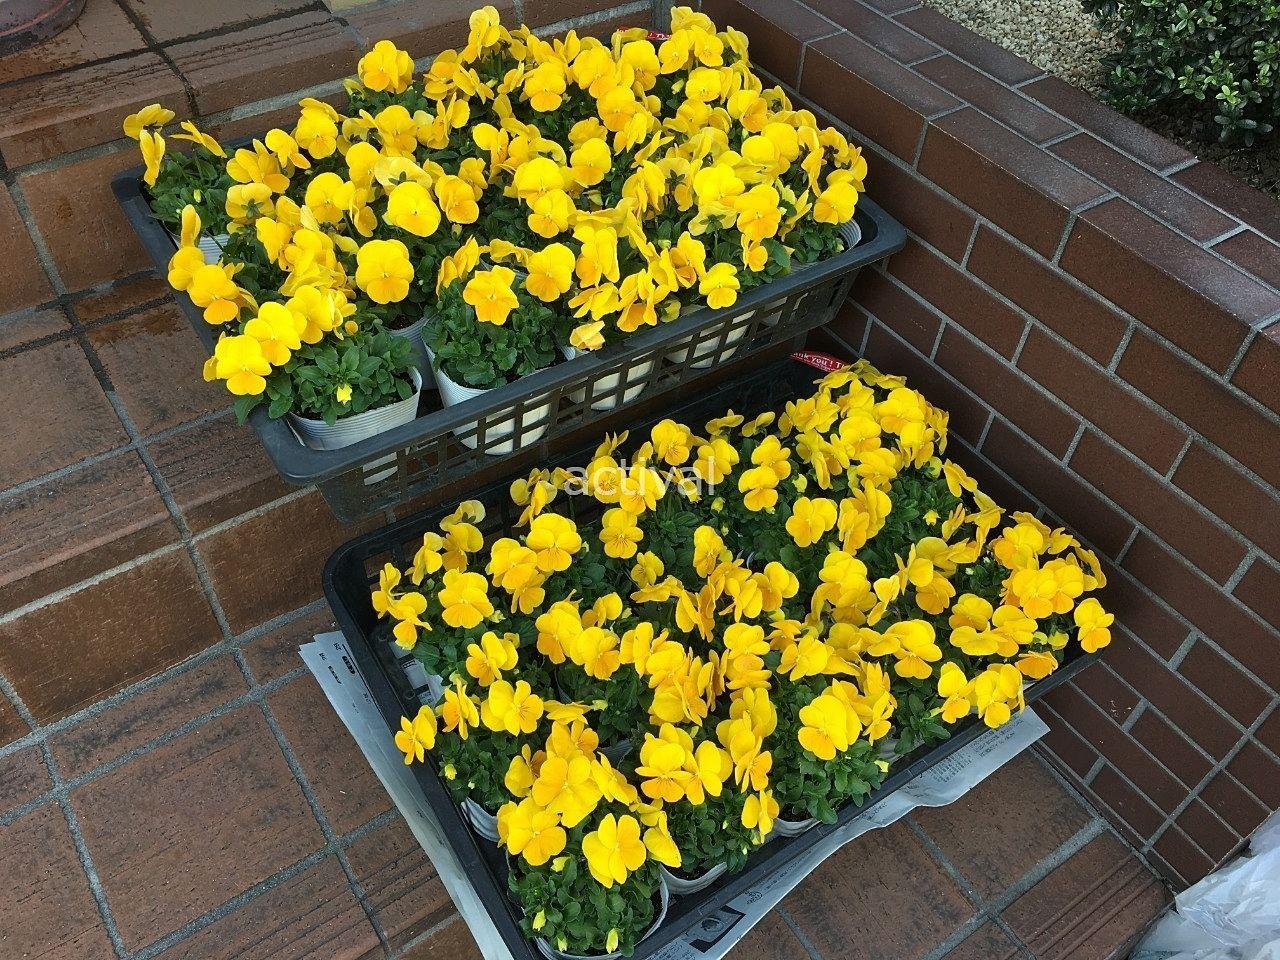 トマト園芸さんで買った生産直売の黄色のビオラです!